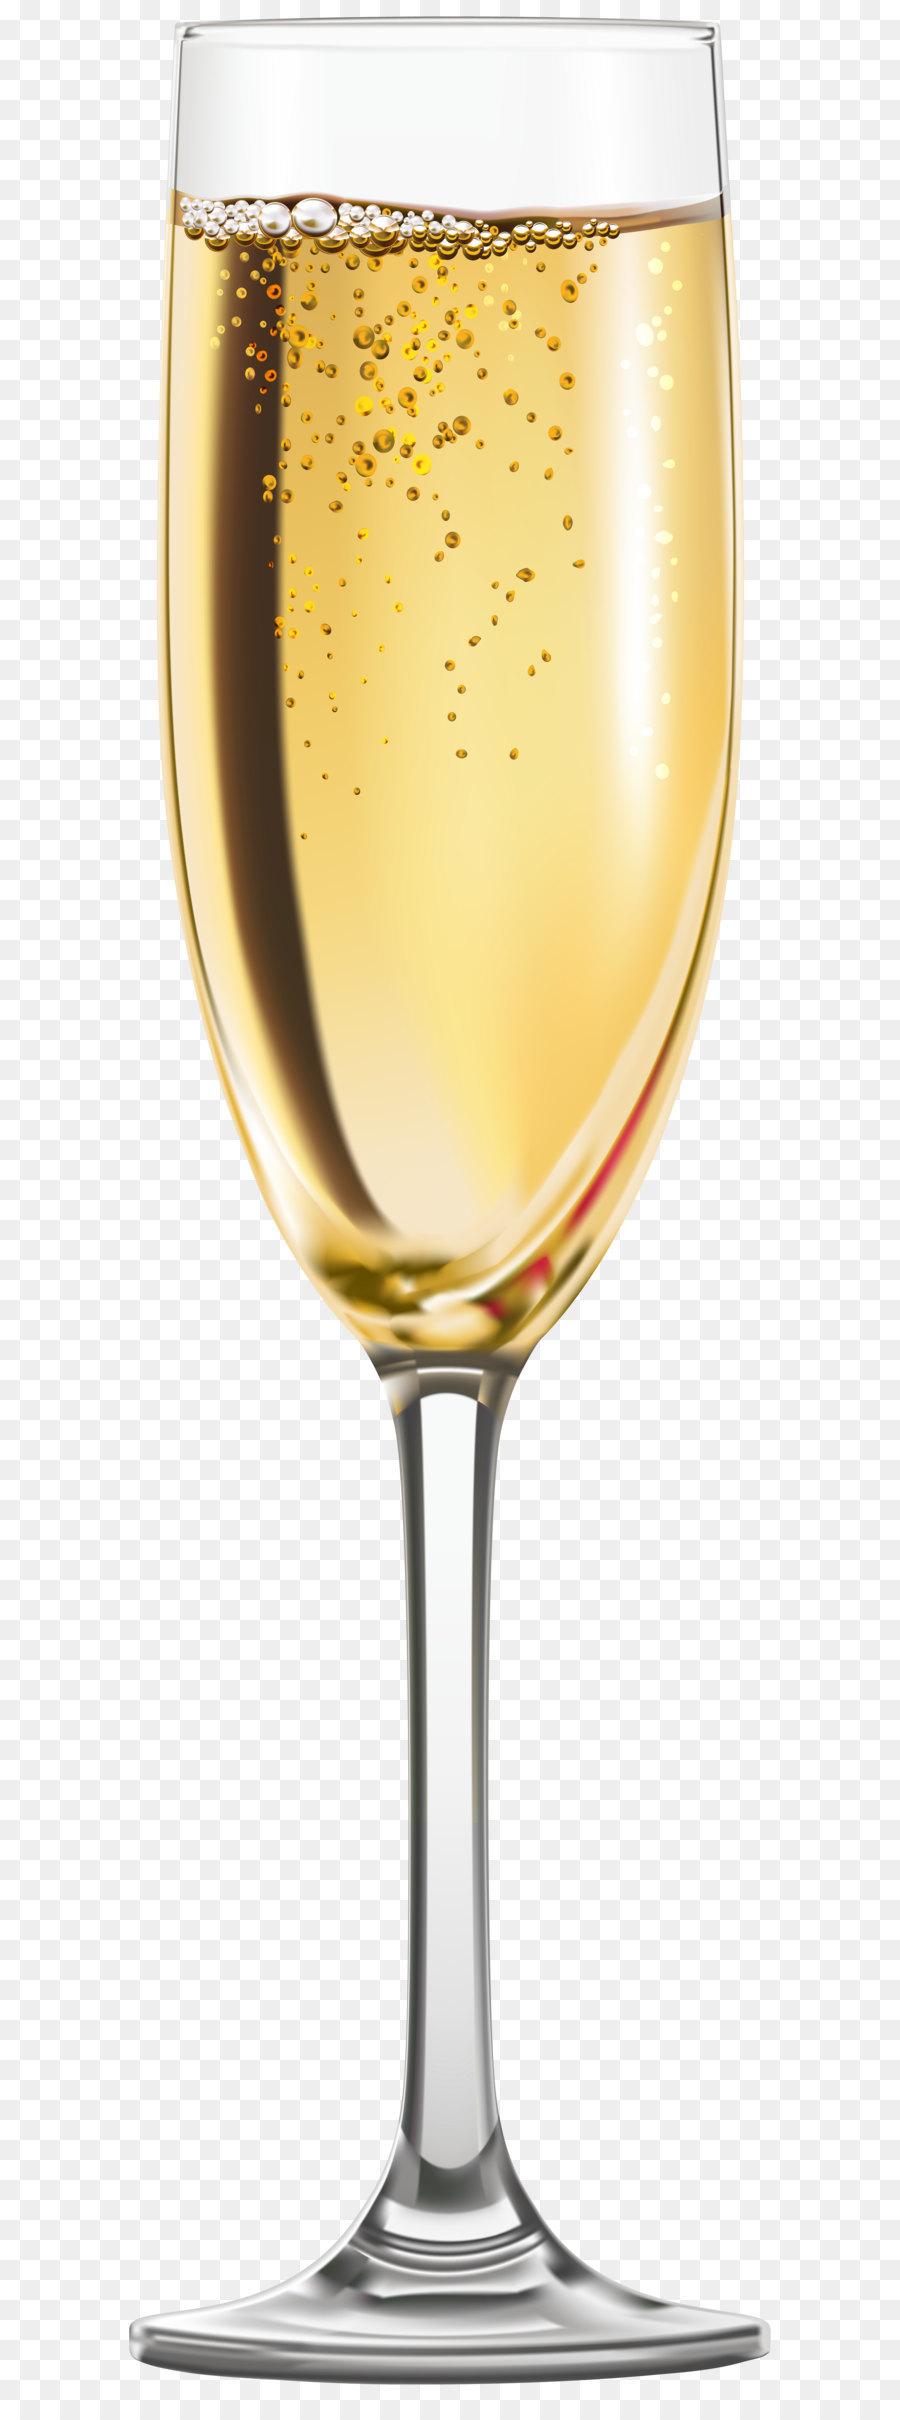 Descarga gratuita de Vino, Vidrio, Beber Imágen de Png